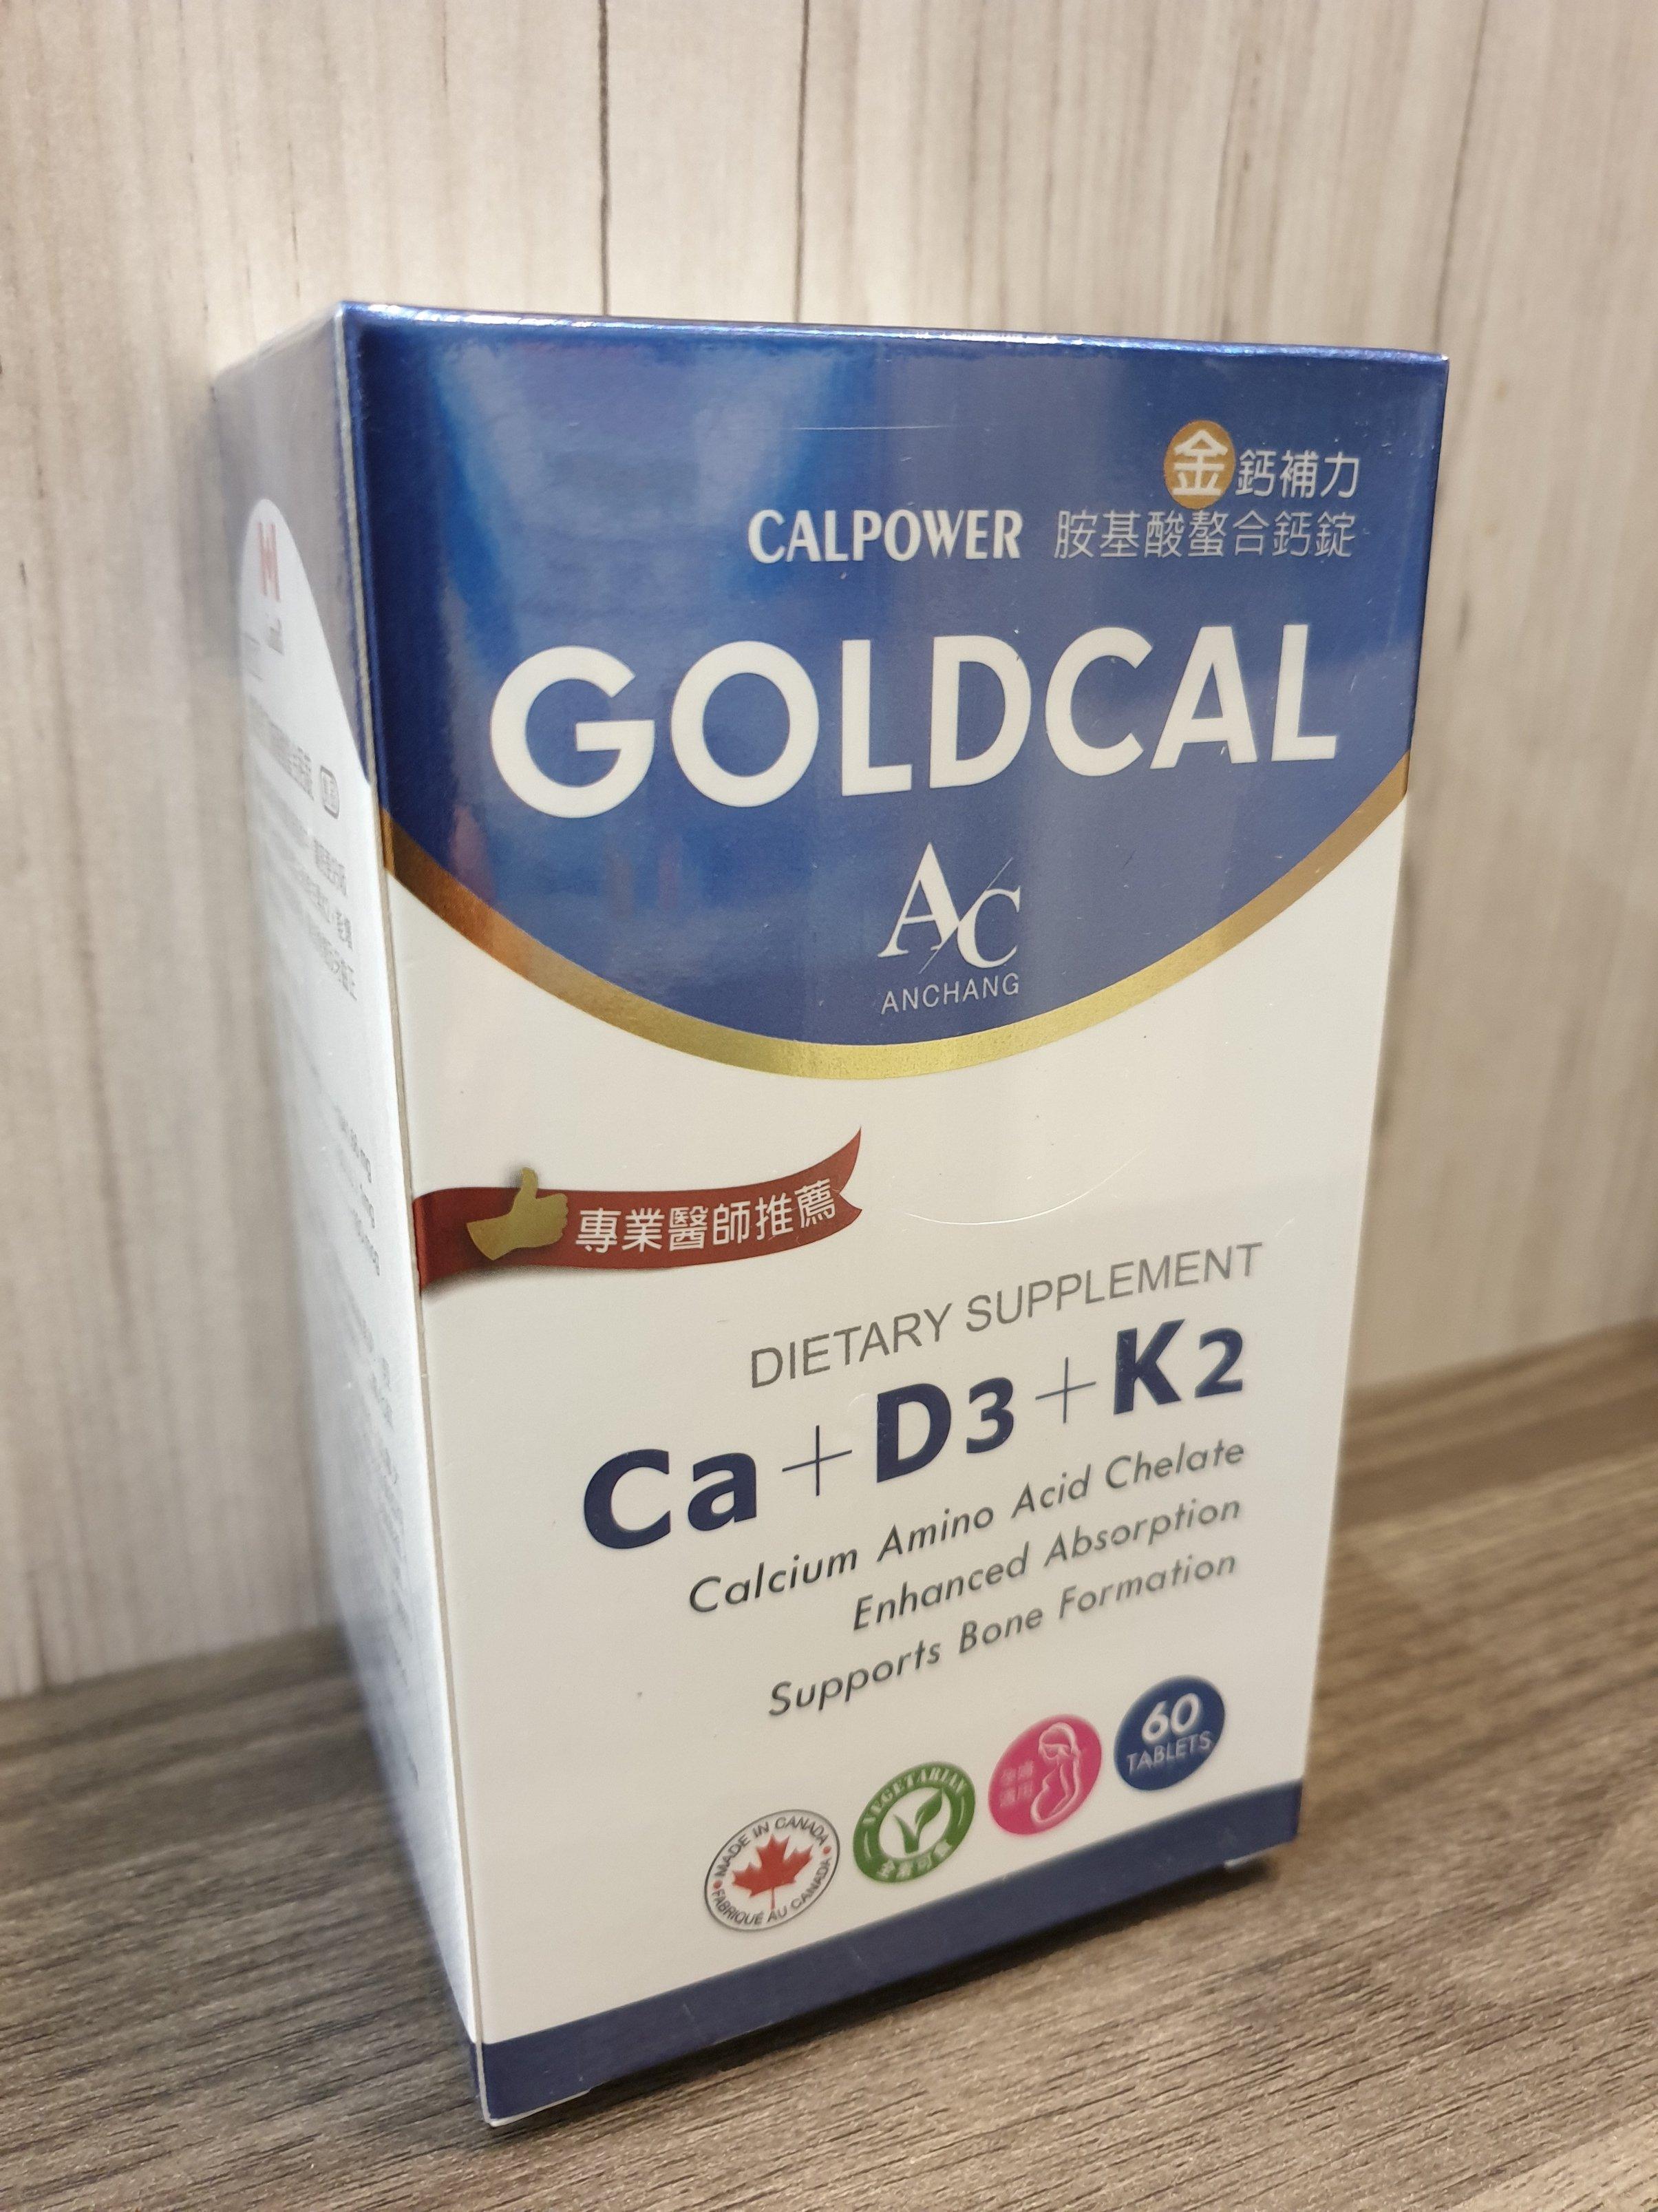 金鈣補力胺基酸螯合鈣錠 GOLDPOWER GOLDCAL DIETARY SUPPLEMENT